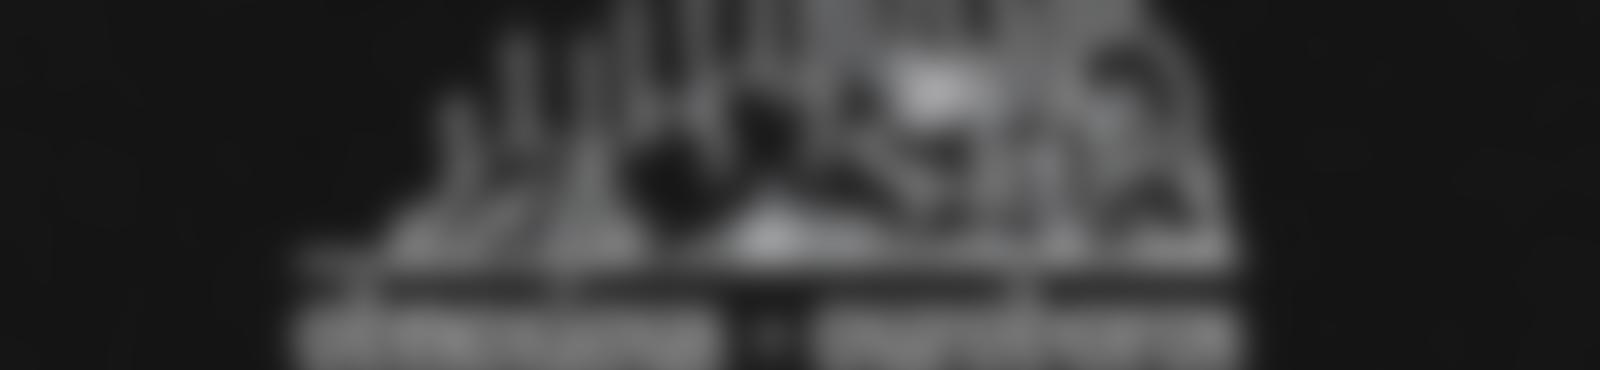 Blurred 379f670d 1b09 4583 b5c3 a8b7209beb74